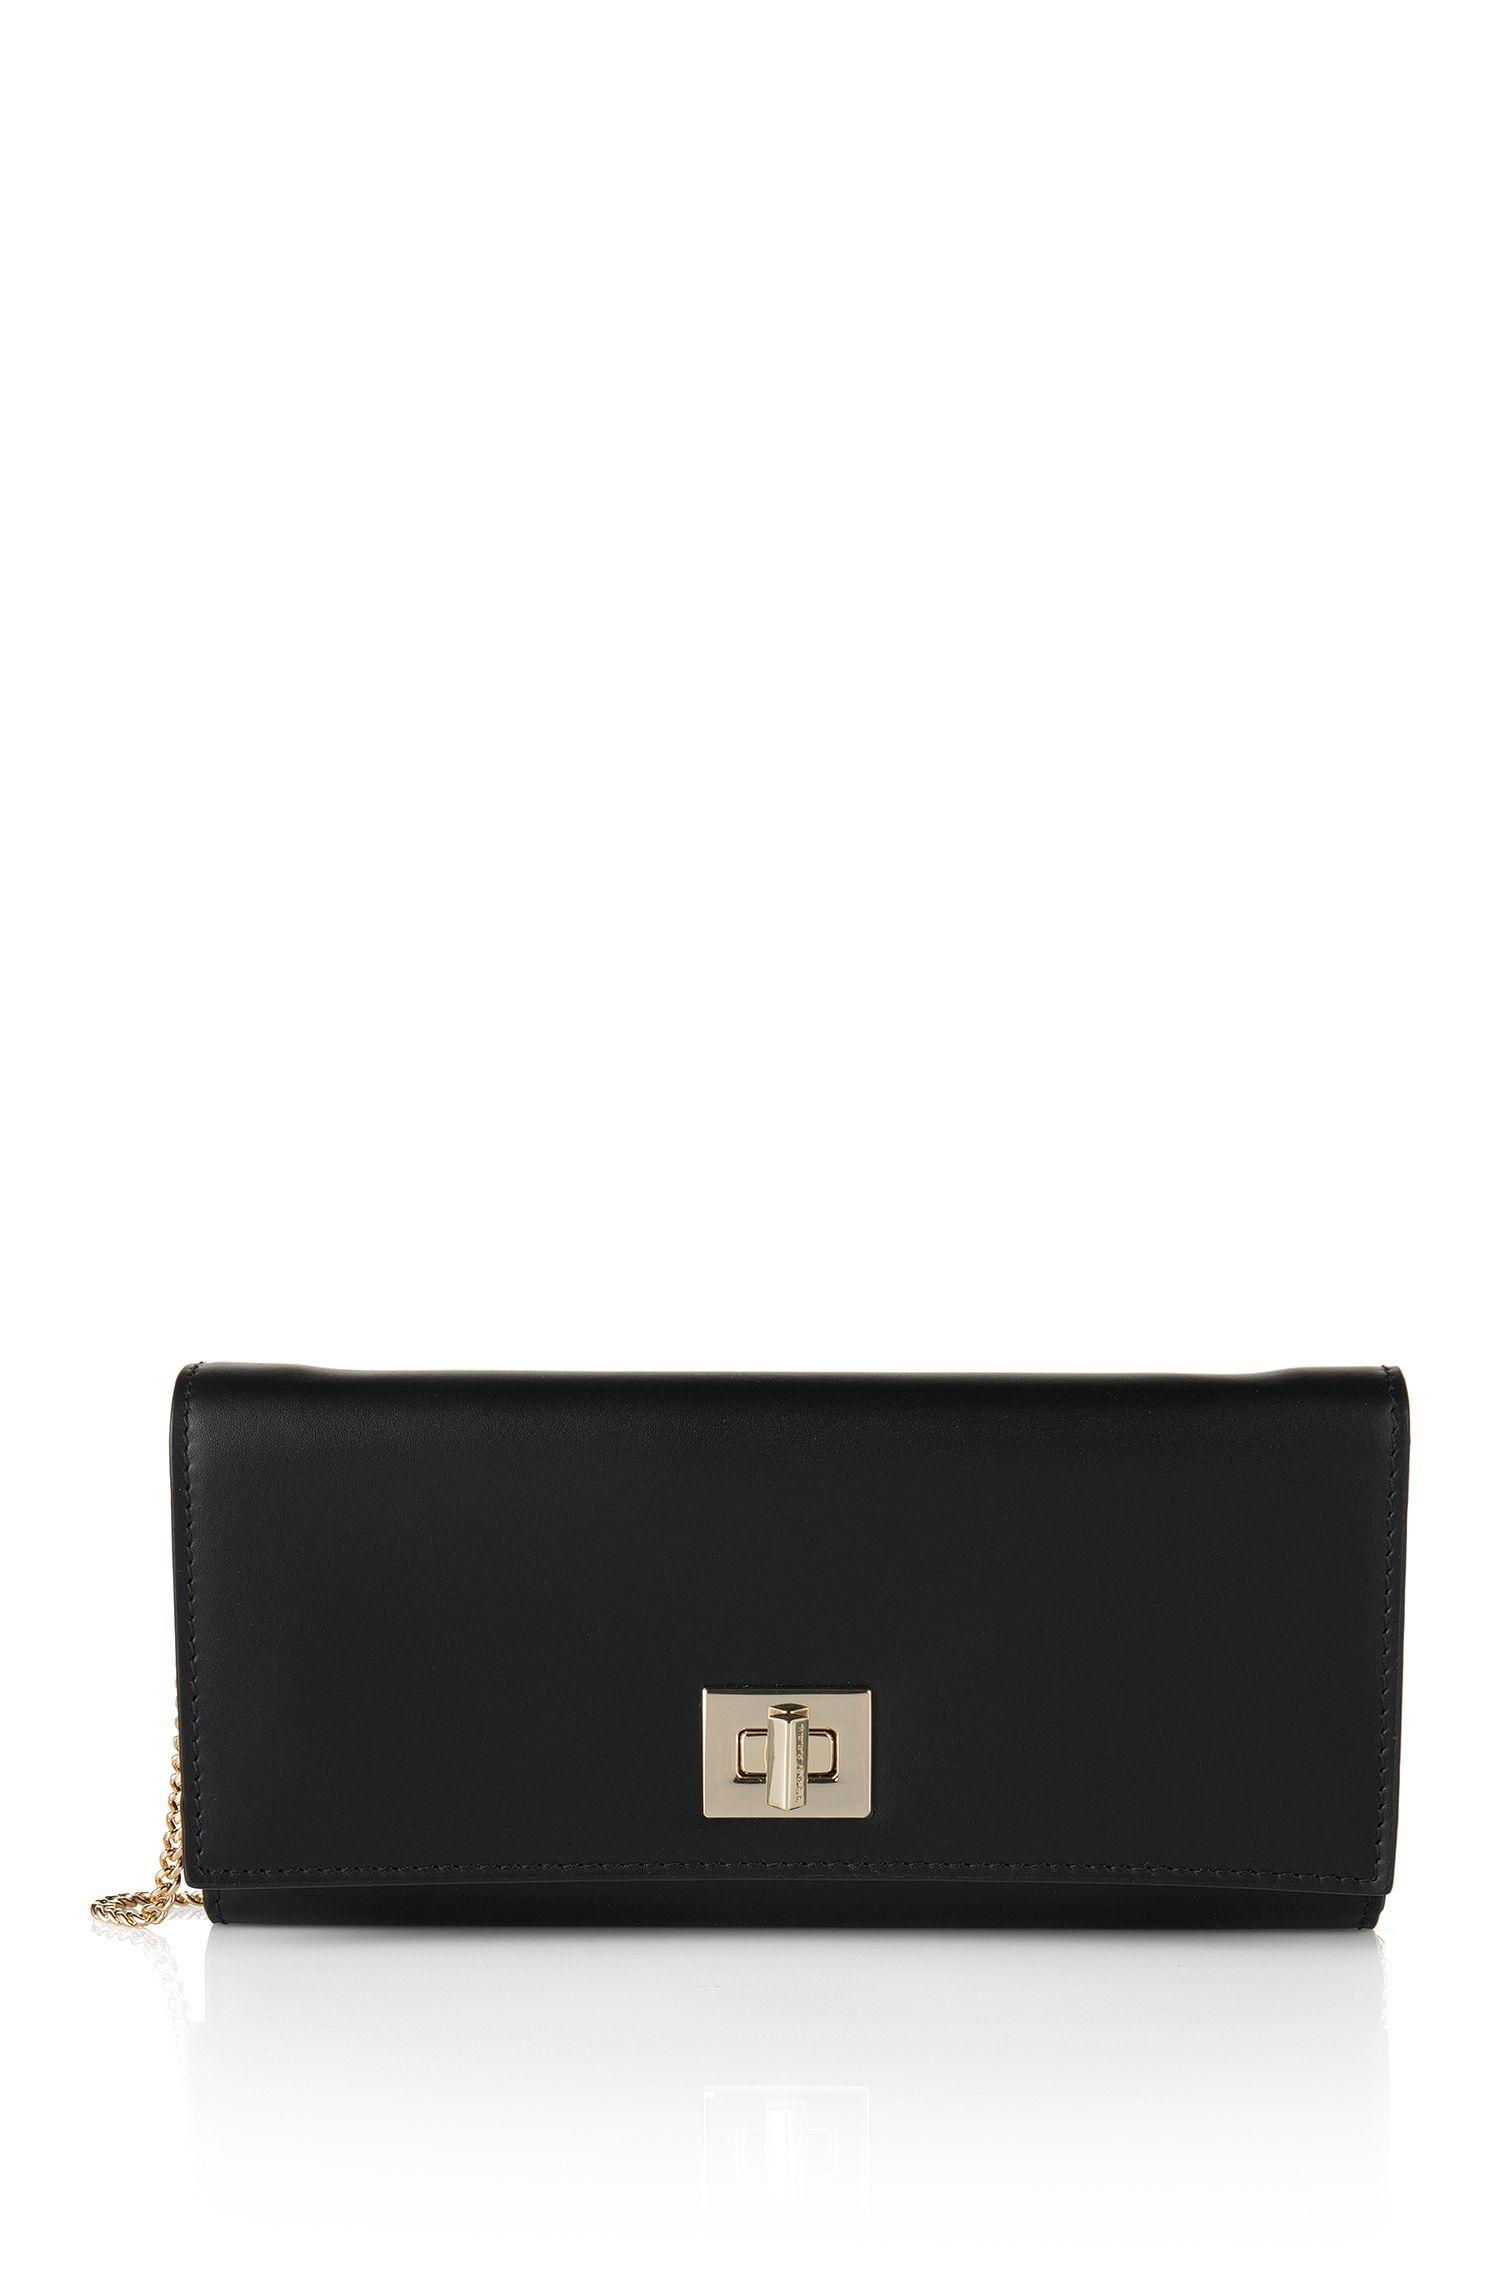 BOSS Bespoke leather wallet